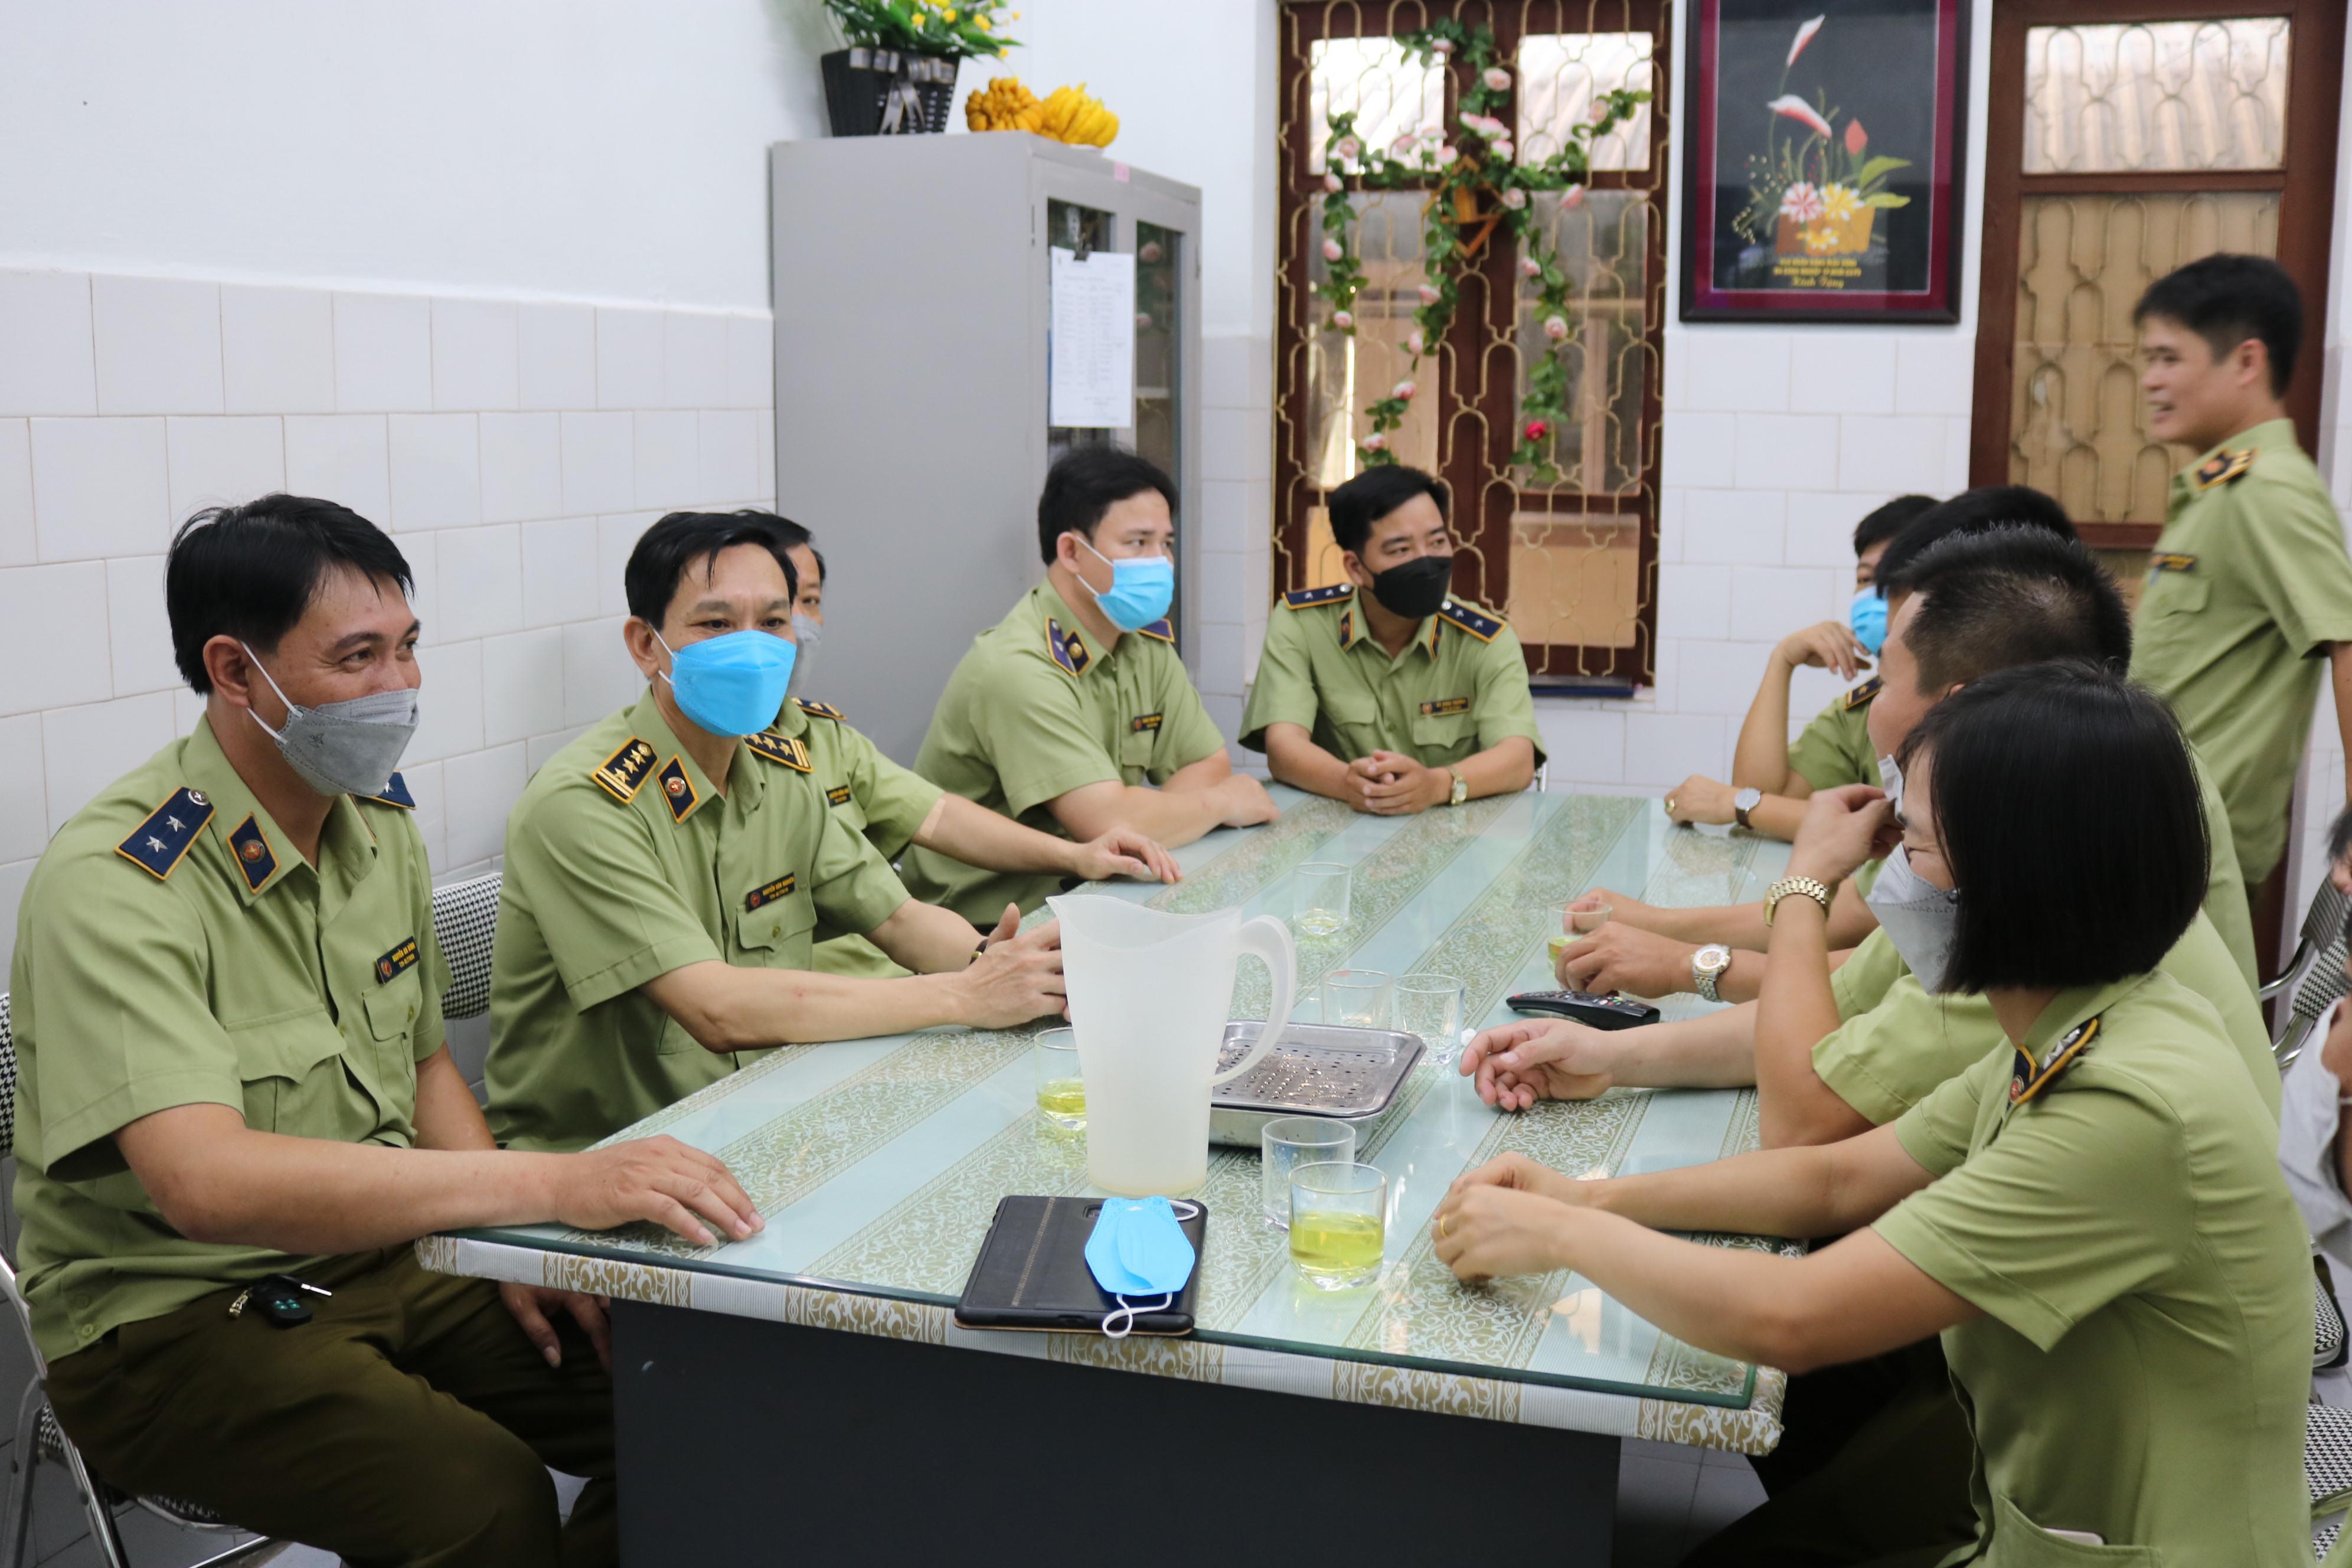 Cục QLTT Thái Bình tổ chức hiến máu tình nguyện